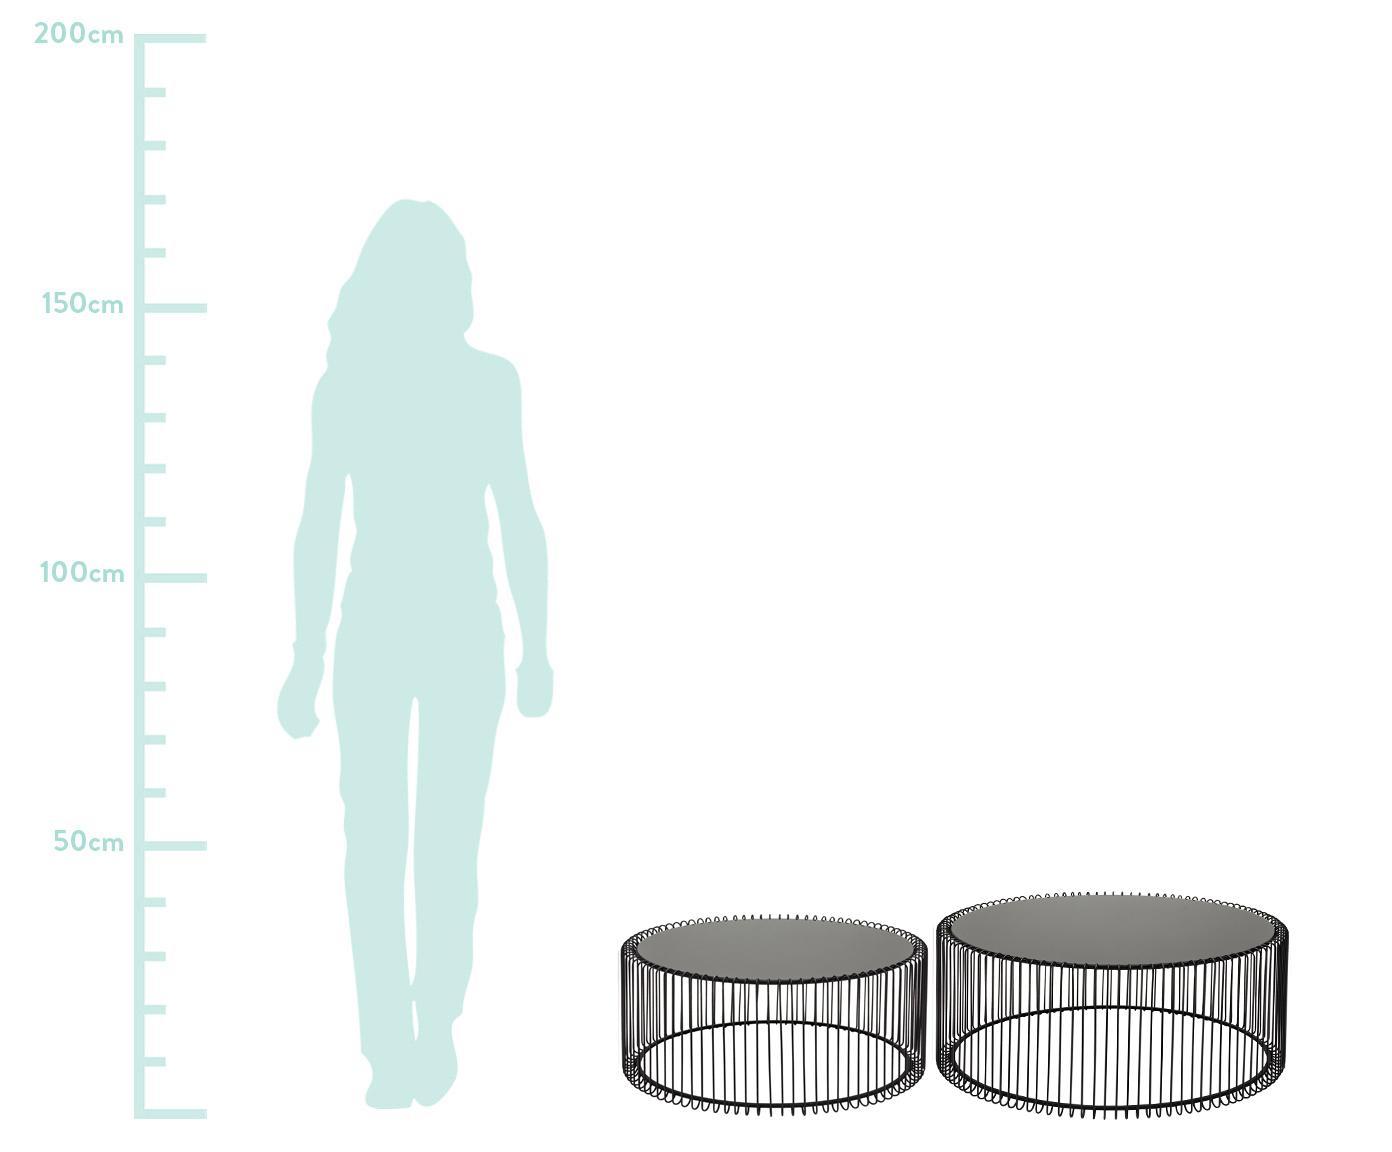 Metall-Couchtisch 2er-Set Wire mit Glasplatte, Gestell: Metall, pulverbeschichtet, Tischplatte: Sicherheitsglas, foliert, Schwarz, Sondergrößen